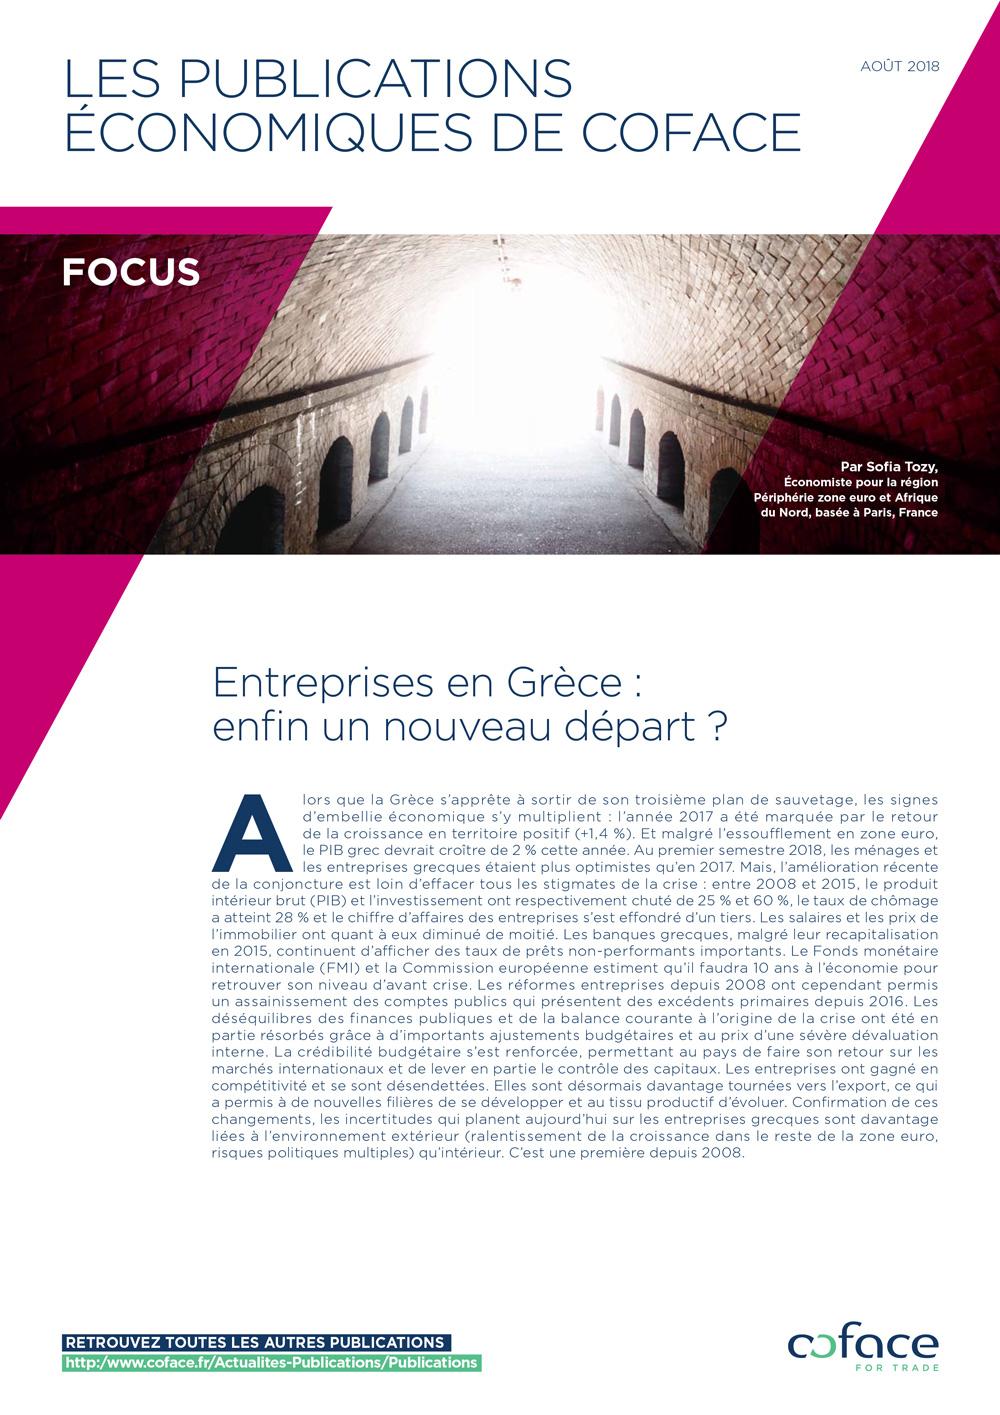 Entreprises en Grèce : enfin un nouveau départ ?